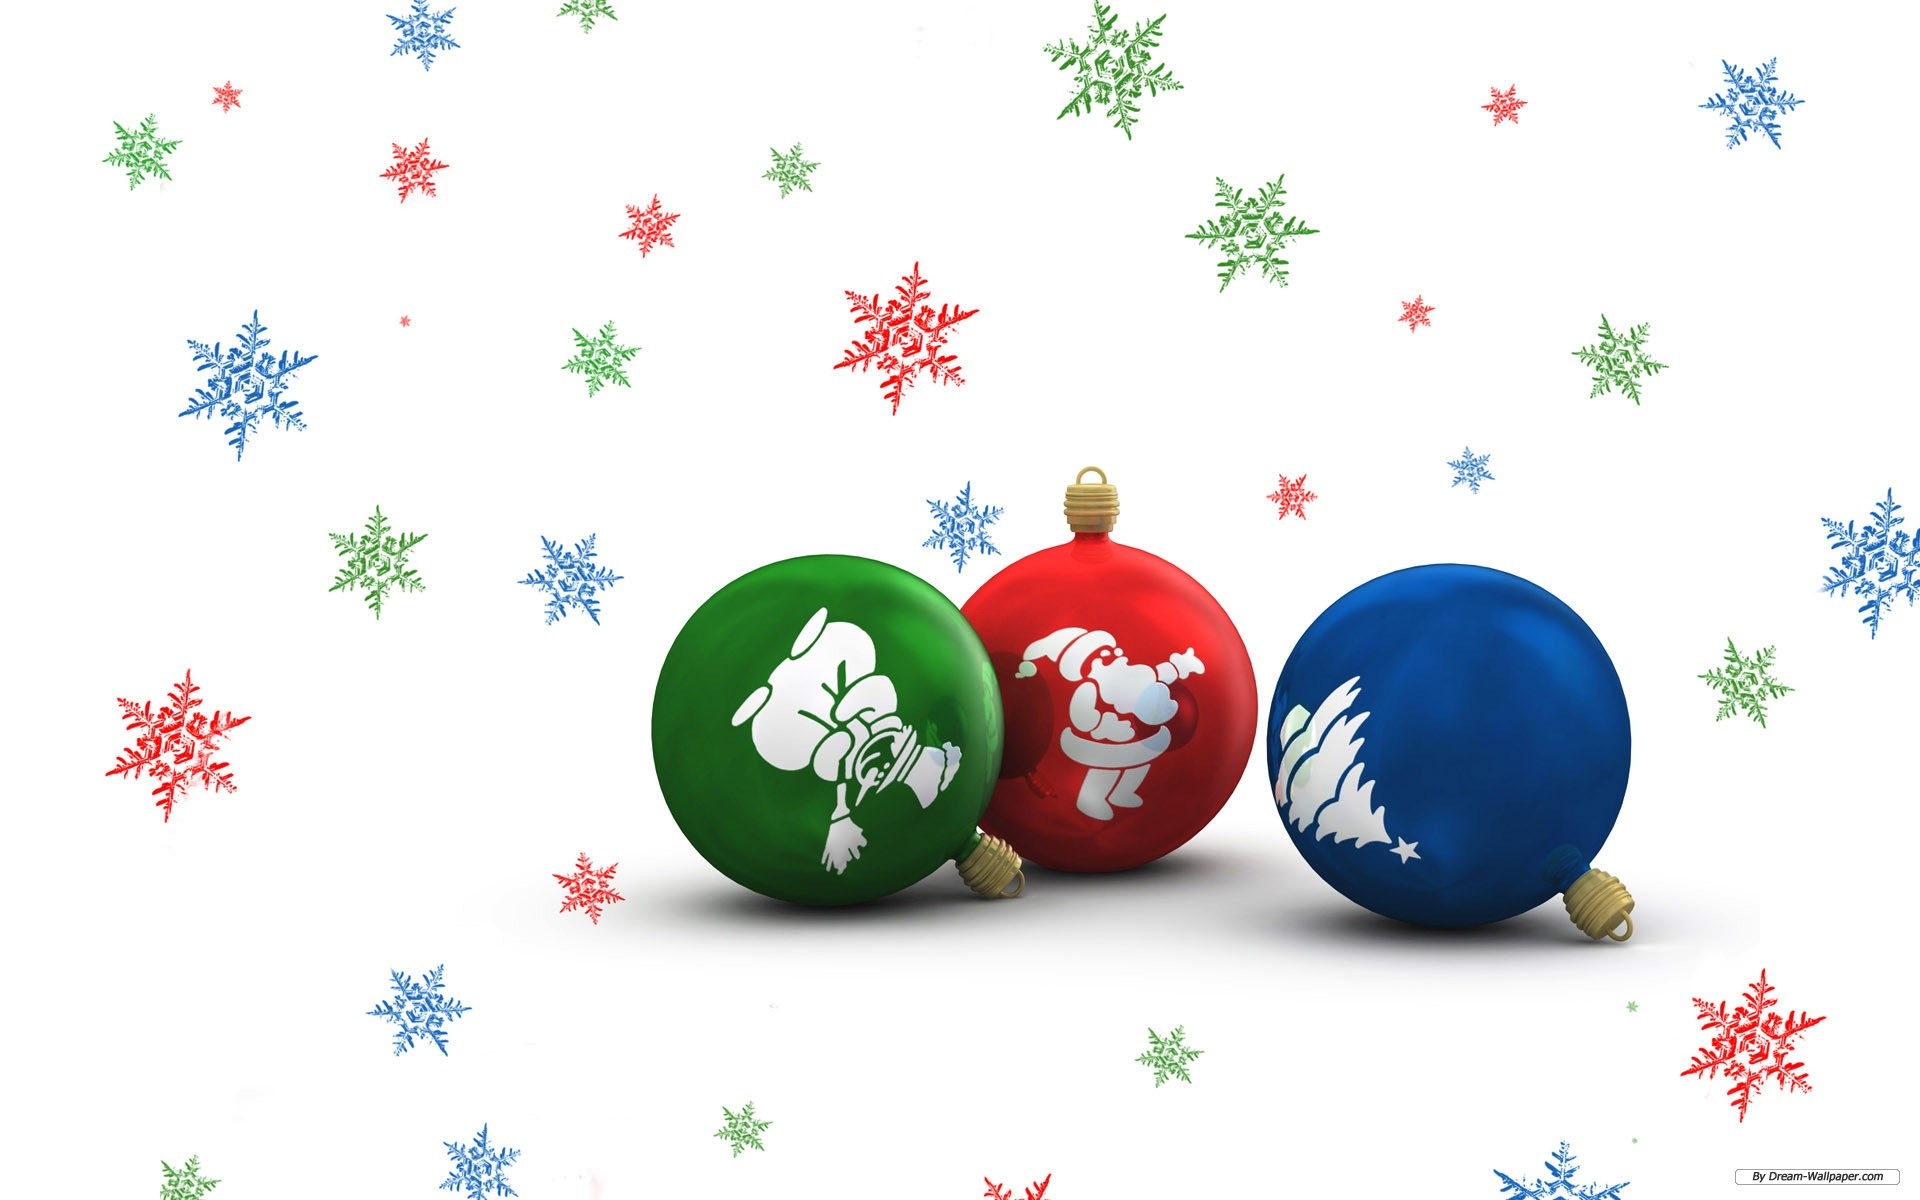 wallpaper theme christmas holiday desktop select 1920x1200 1920x1200